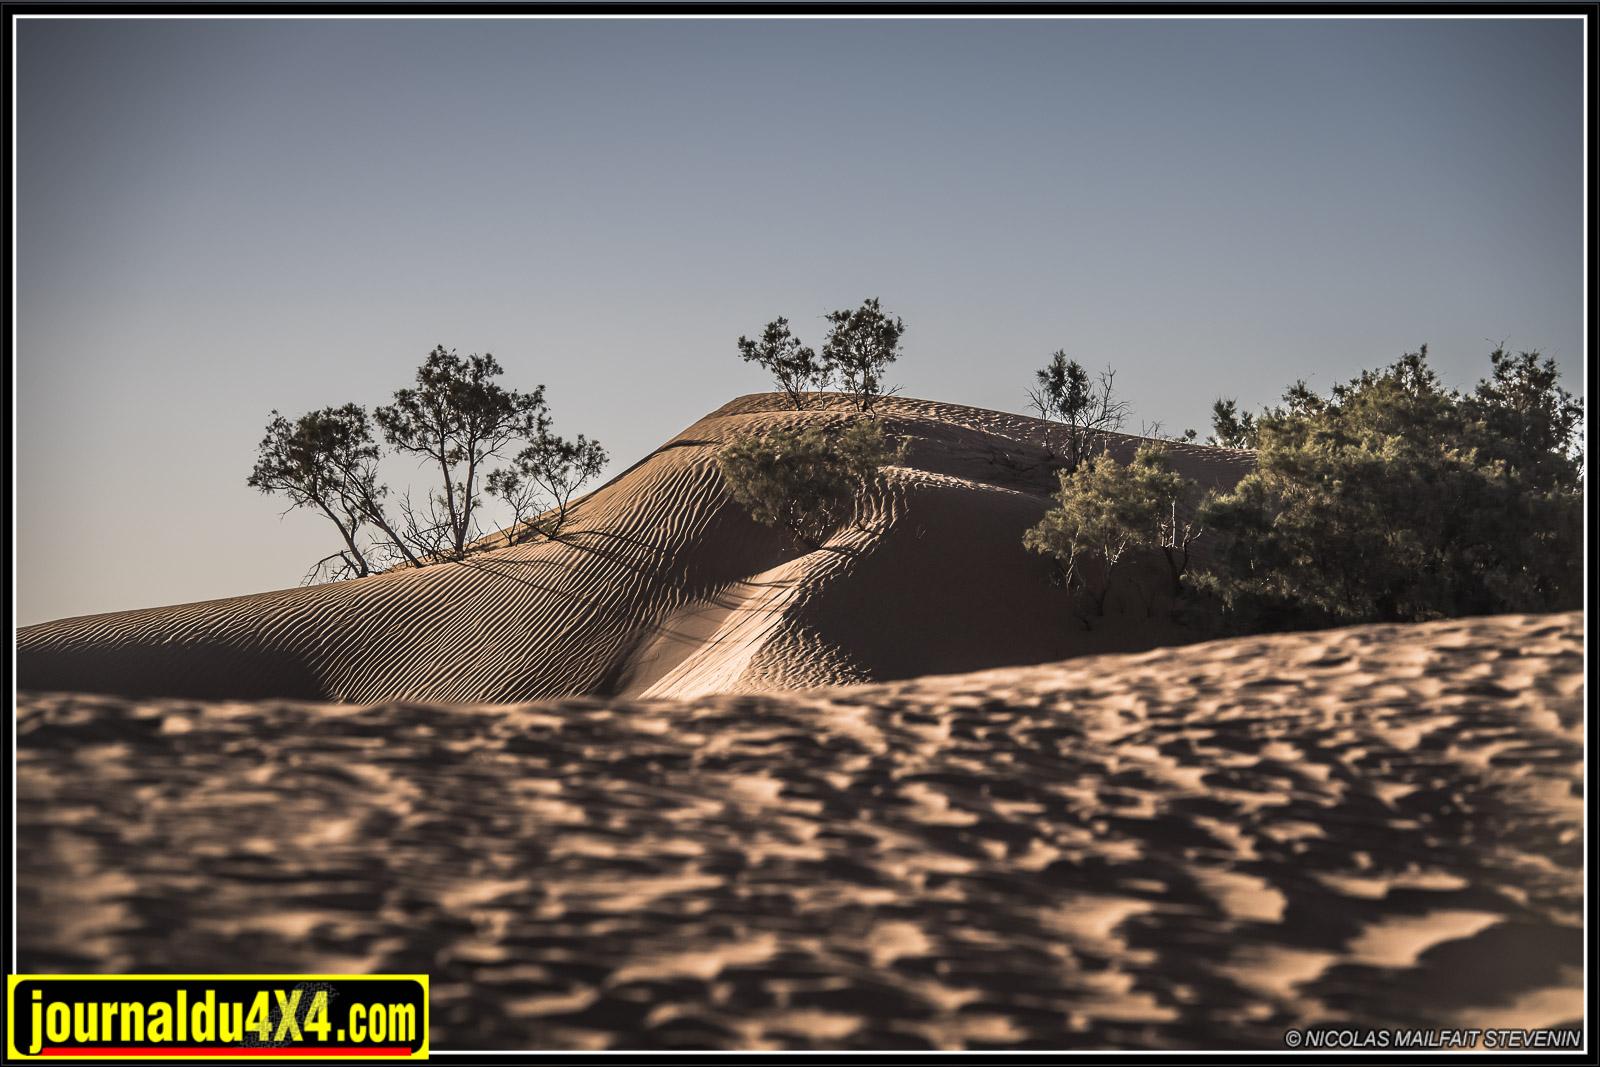 rallye-aicha-gazelles-maroc-2017-7017-2.jpg